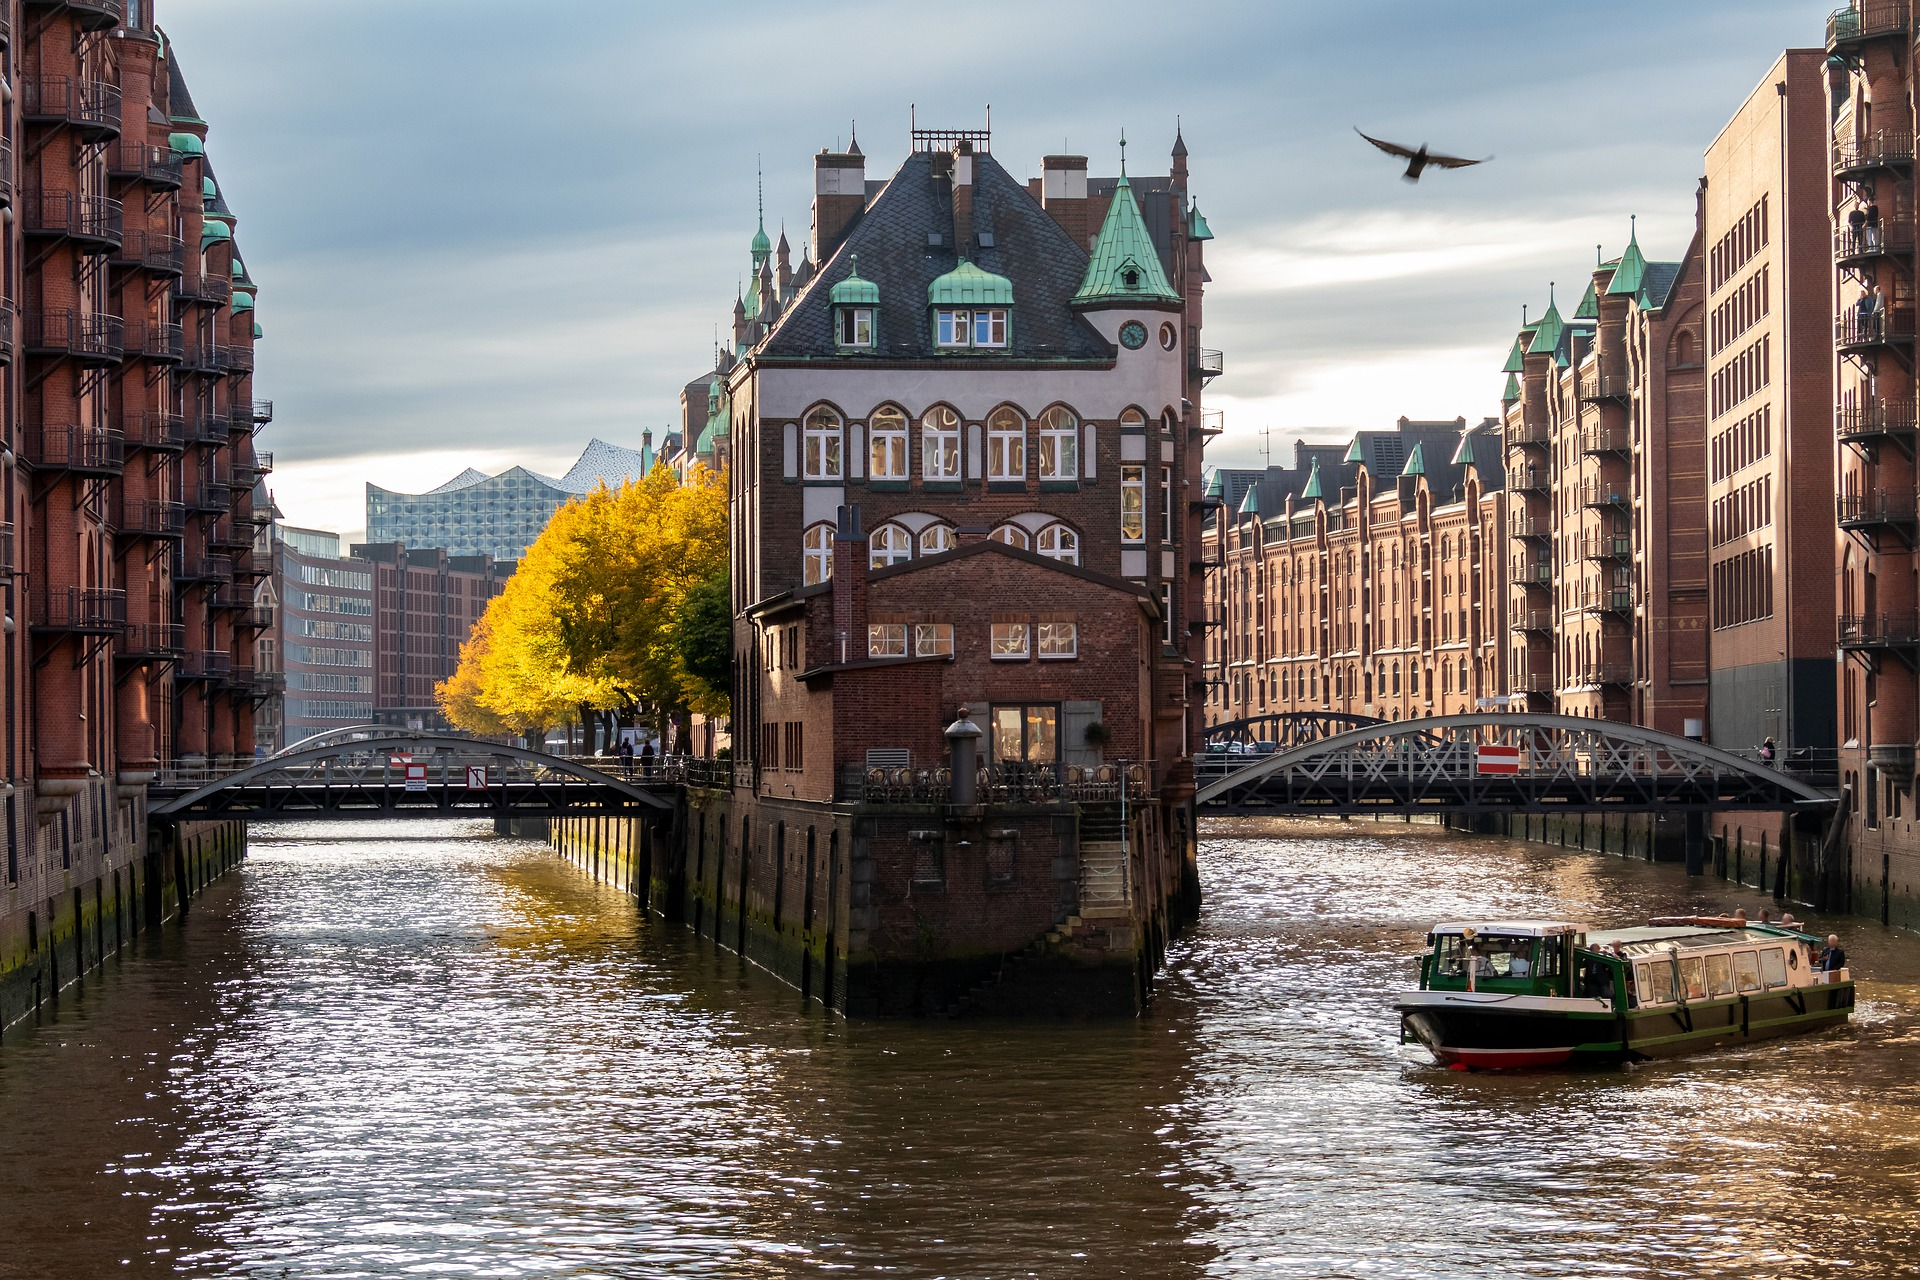 Busreise Blick in die Hamburger Speicherstadt Alte Häuser im Hanseatischen Stil mit Wasser der Elbe im Vordergrund